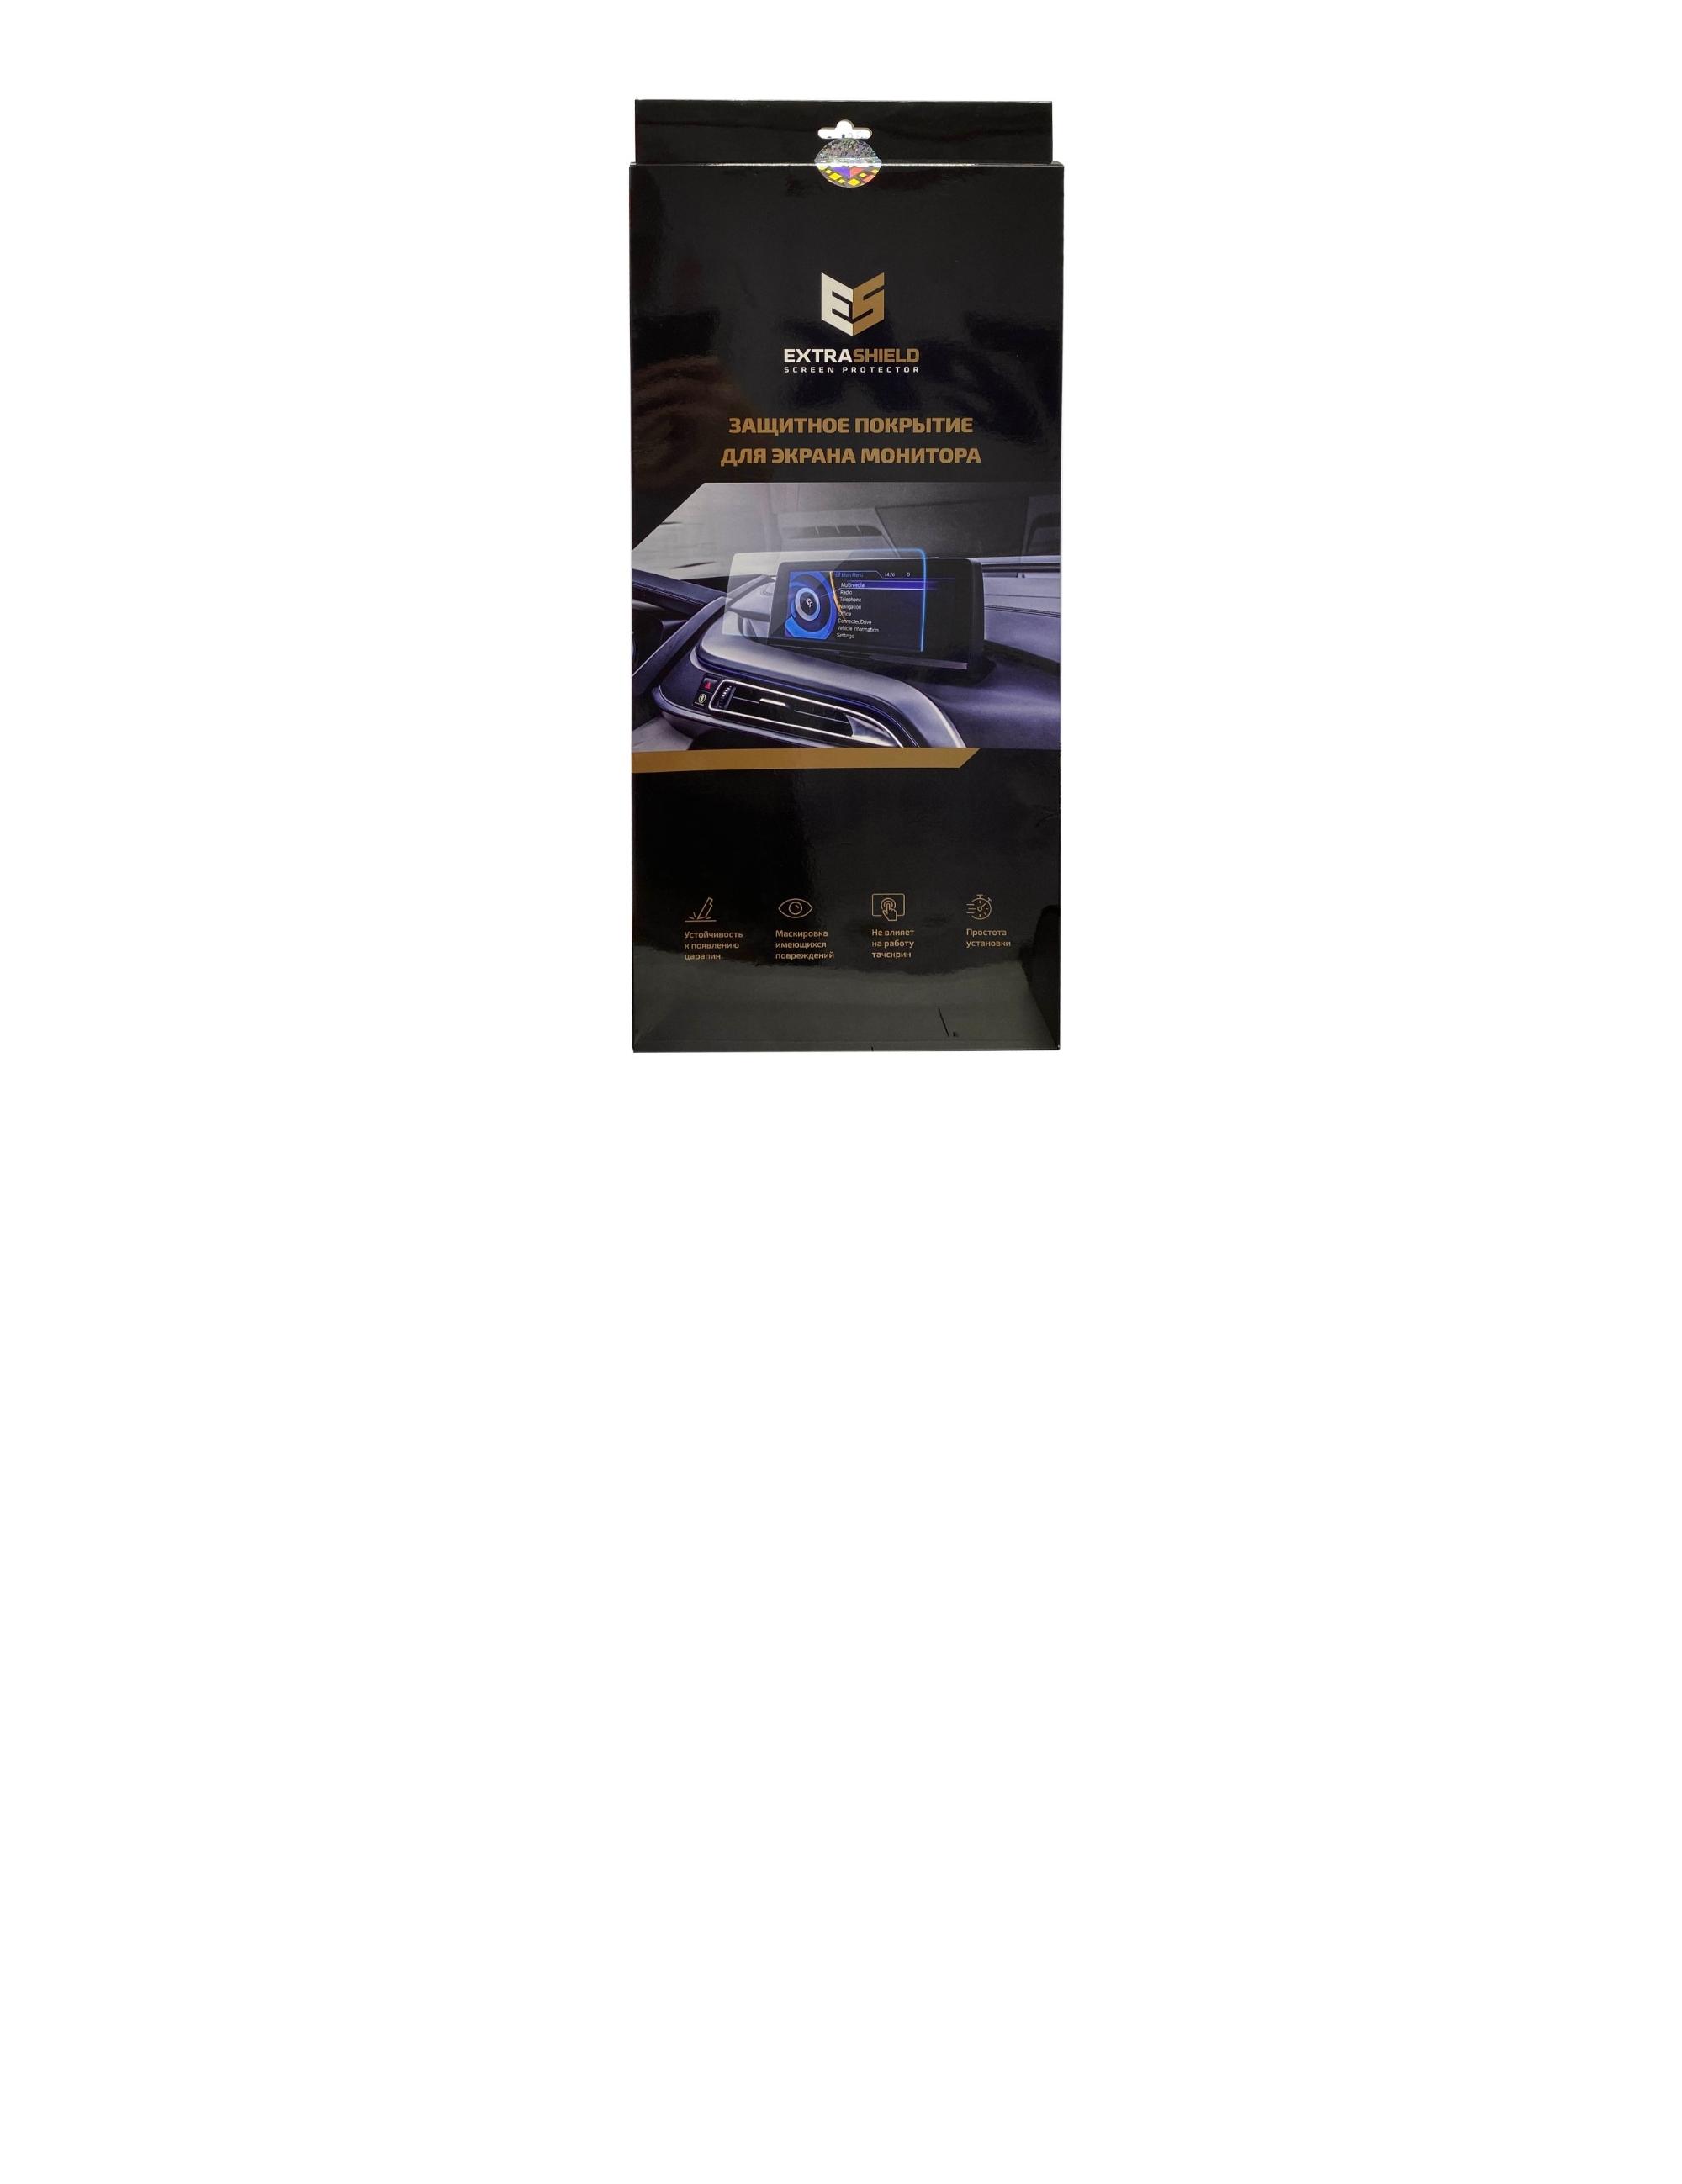 Audi A6 (С8) 2018 - н.в. мультимедиа+климат контроль 10.2-8.6 Защитное стекло Глянец